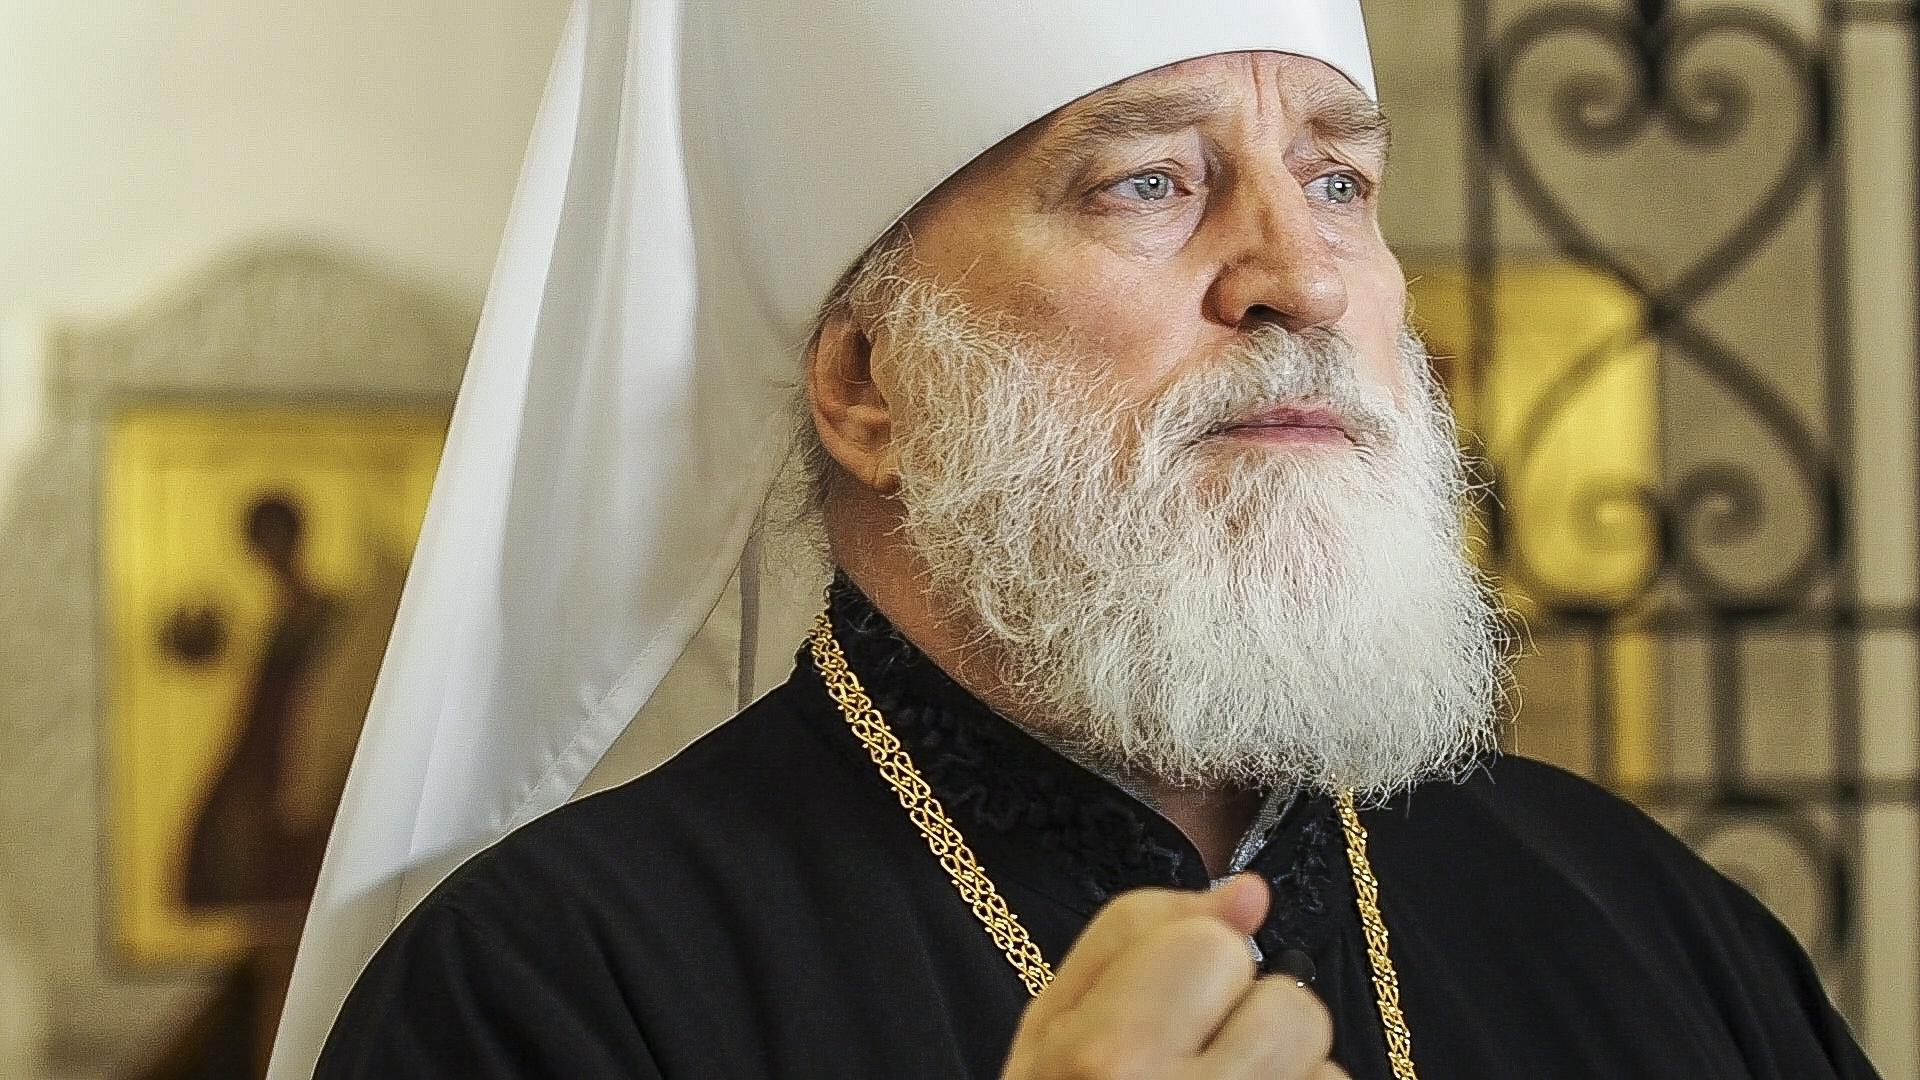 Митрополит Павел выразил соболезнования в связи с трагедией в Столбцах